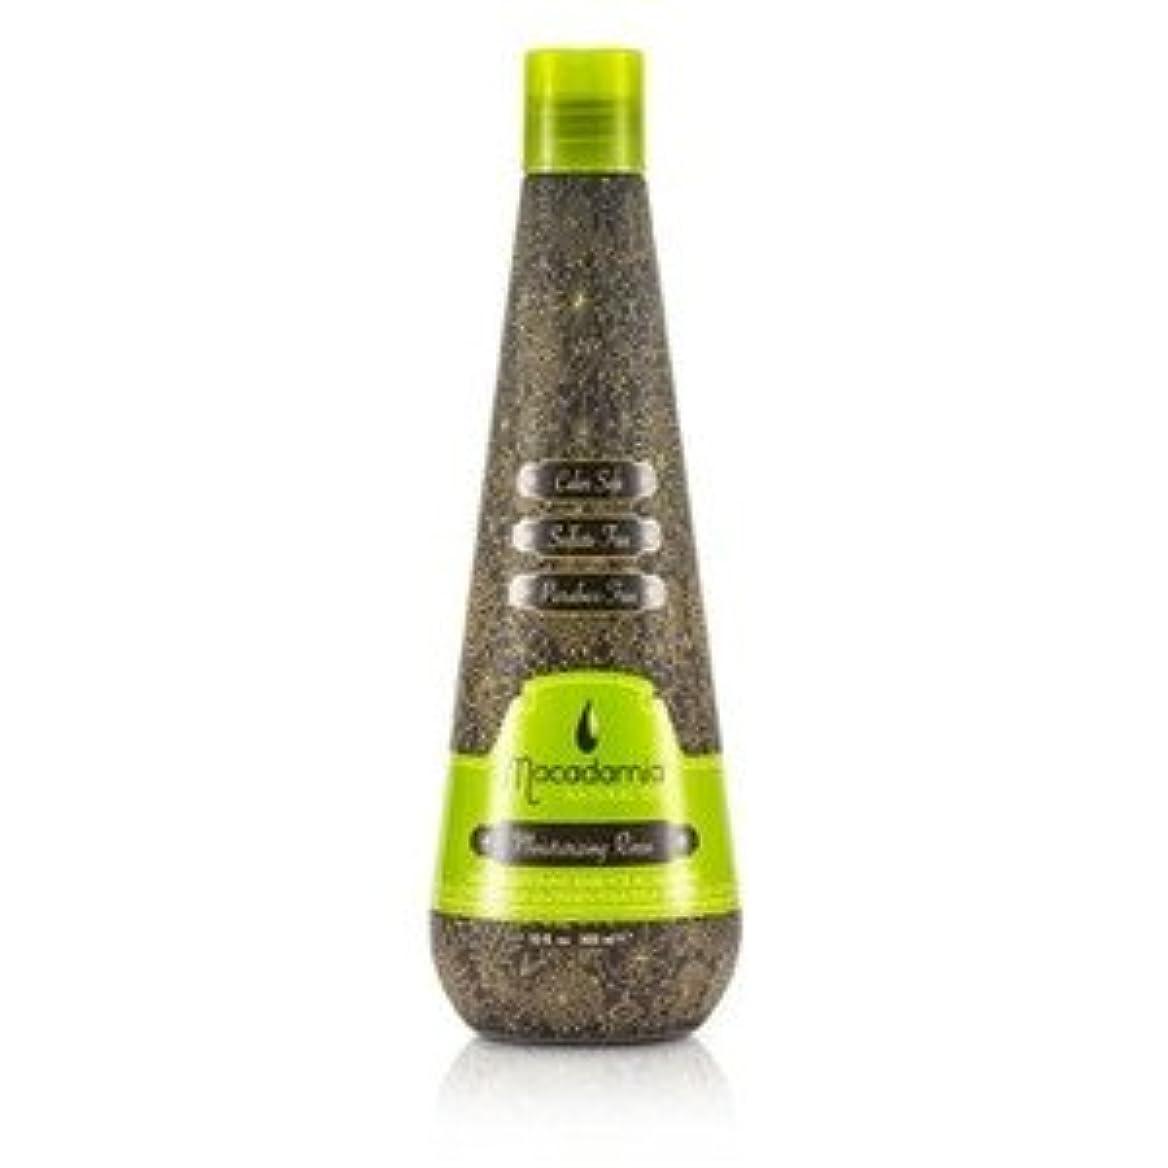 マカダミア ナチュラルオイル(Macadamia NATURAL OIL) モイスチャライジング デイリー コンディショニング リンス(オールヘアタイプ) 300ml/10oz [並行輸入品]